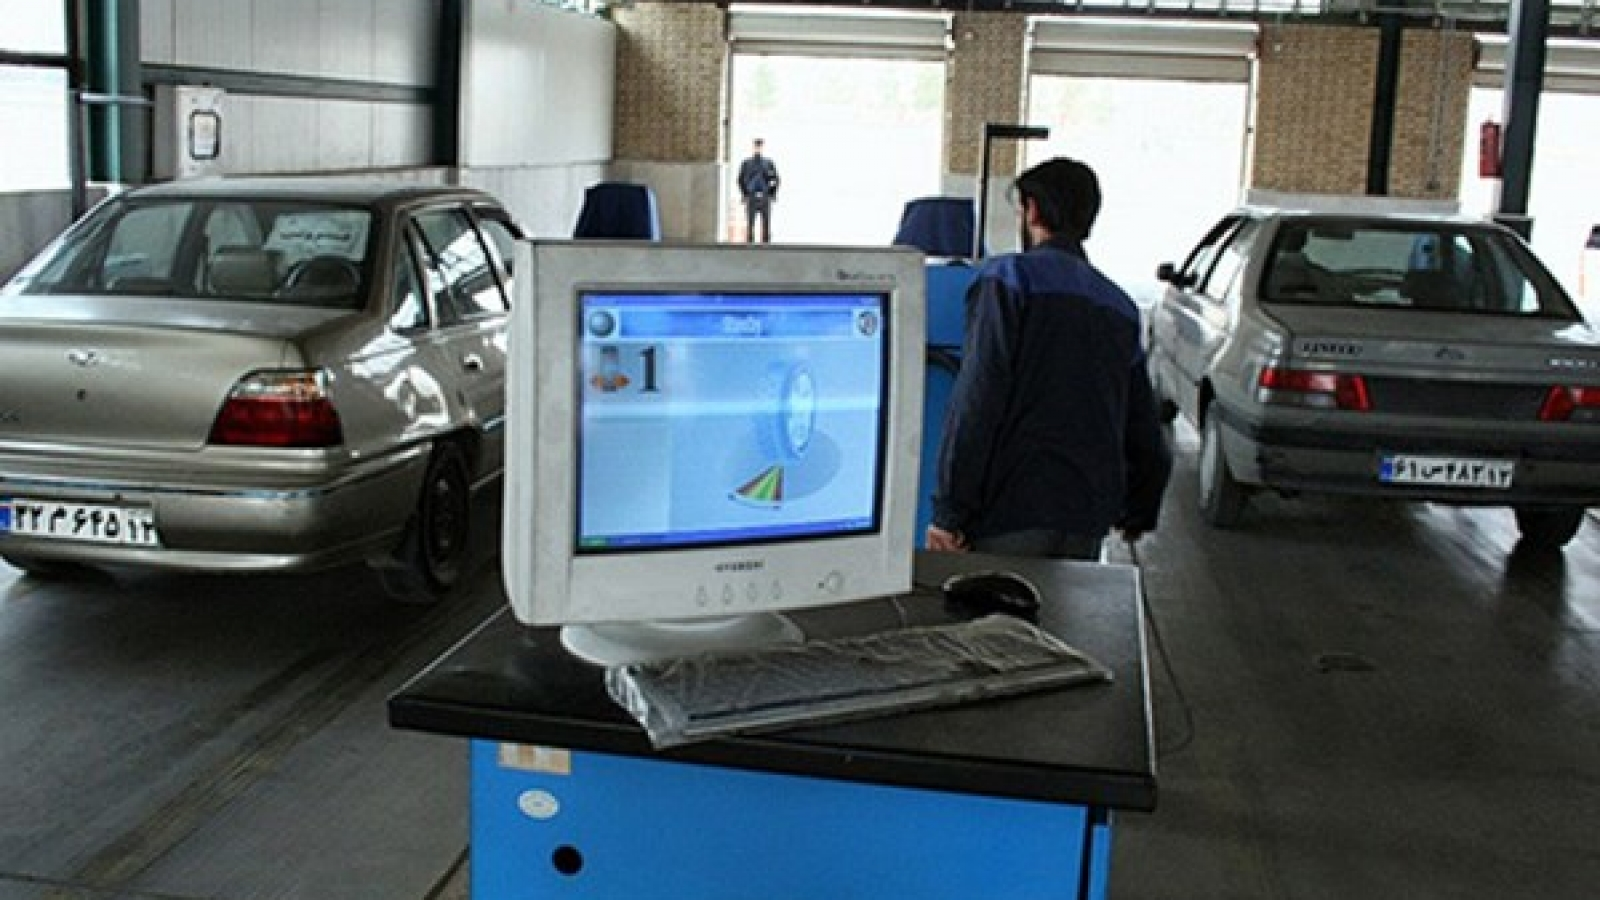 محوریت اجرای طرح LEZ انجام معاینه فنی خودروها است - اجاره خودرو طباطبایی